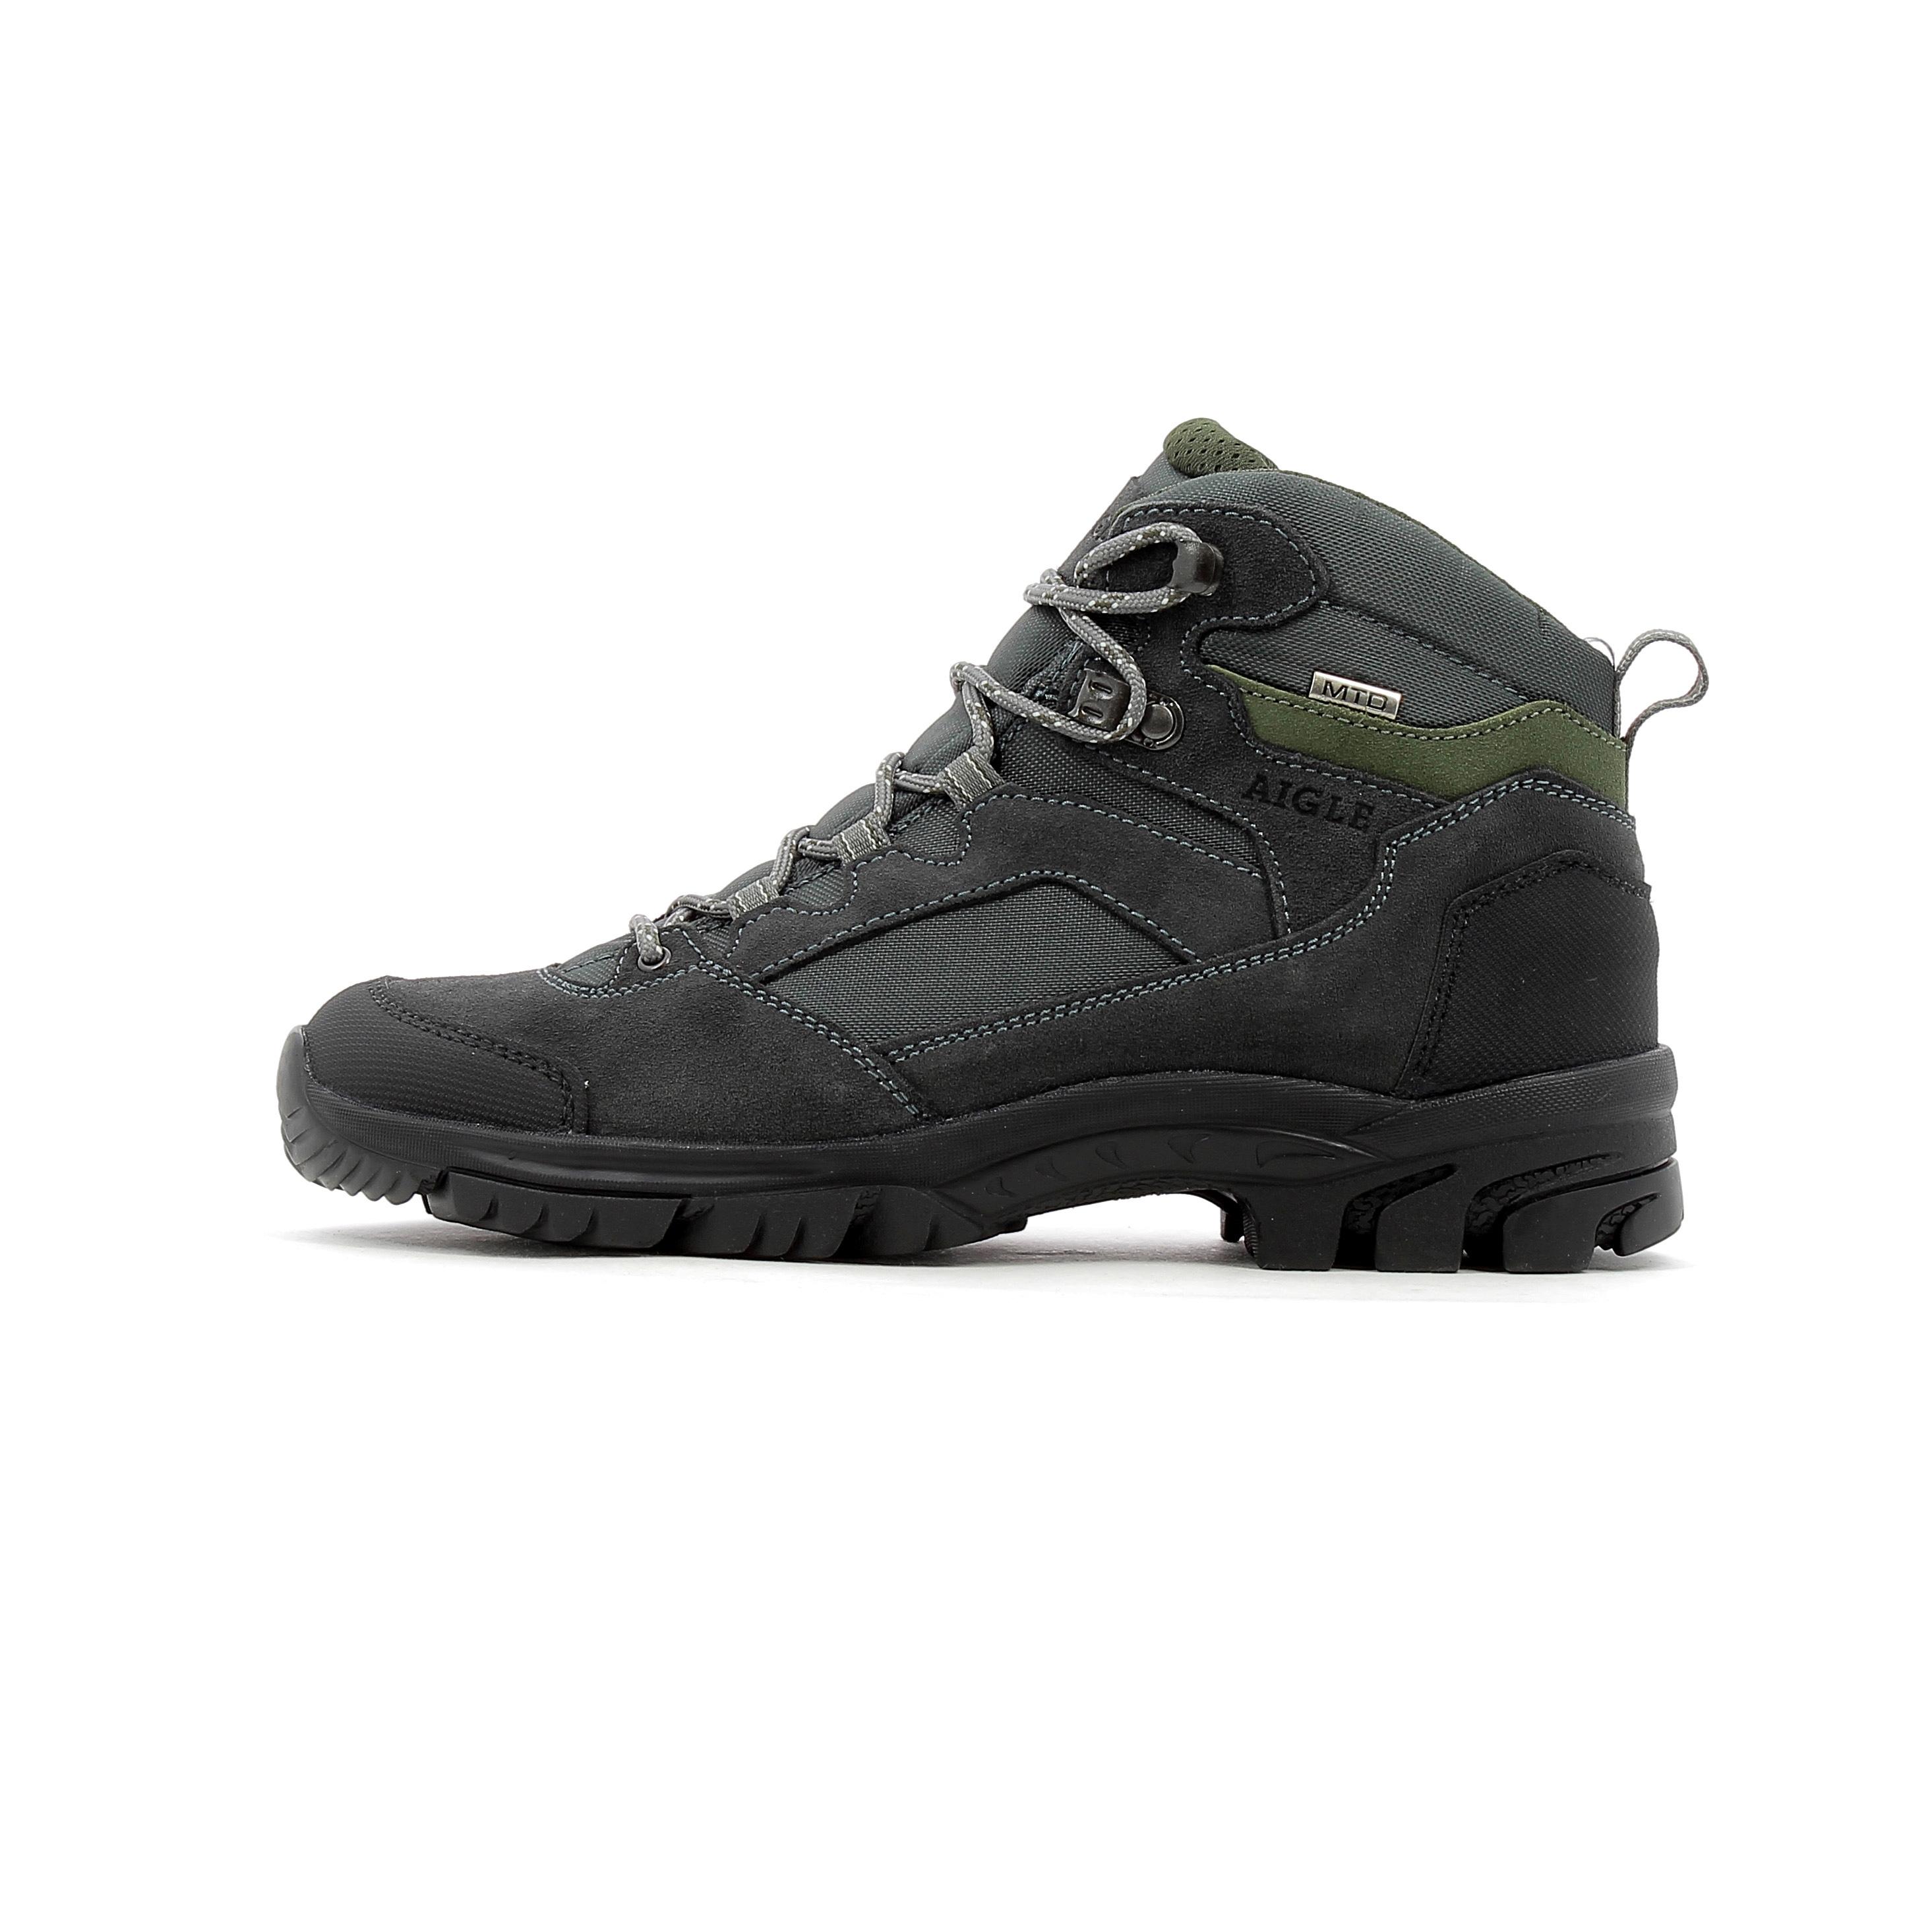 Mtd De Aigle qwTItY7x Randonnã©e Arven Chaussures Mid vzxq0z7F